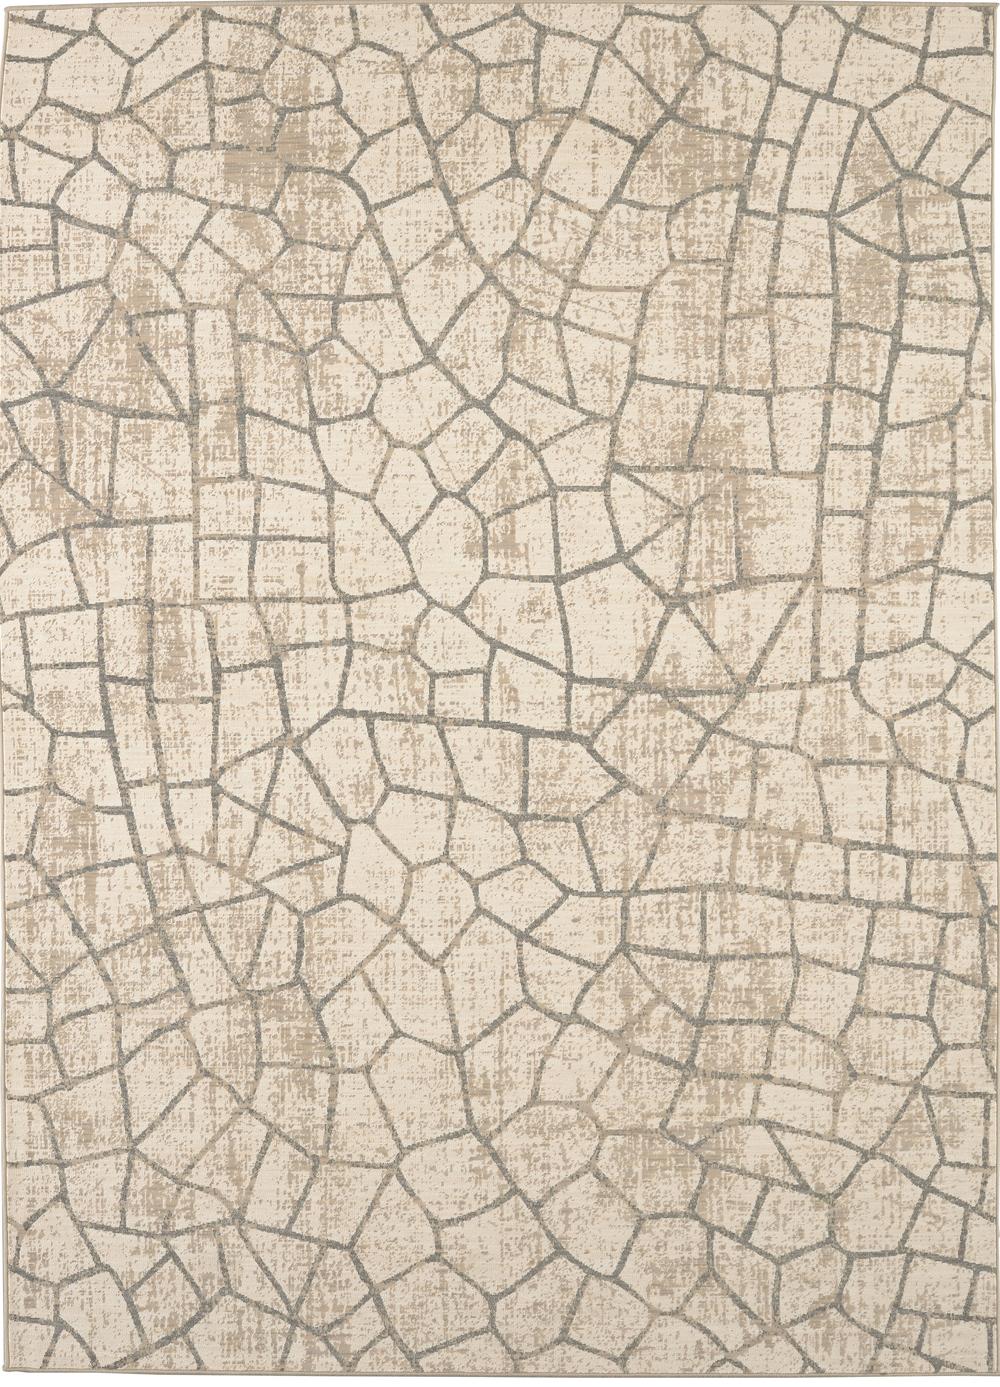 Karastan Kismet Fragment Ivory Natural Cotton Rug